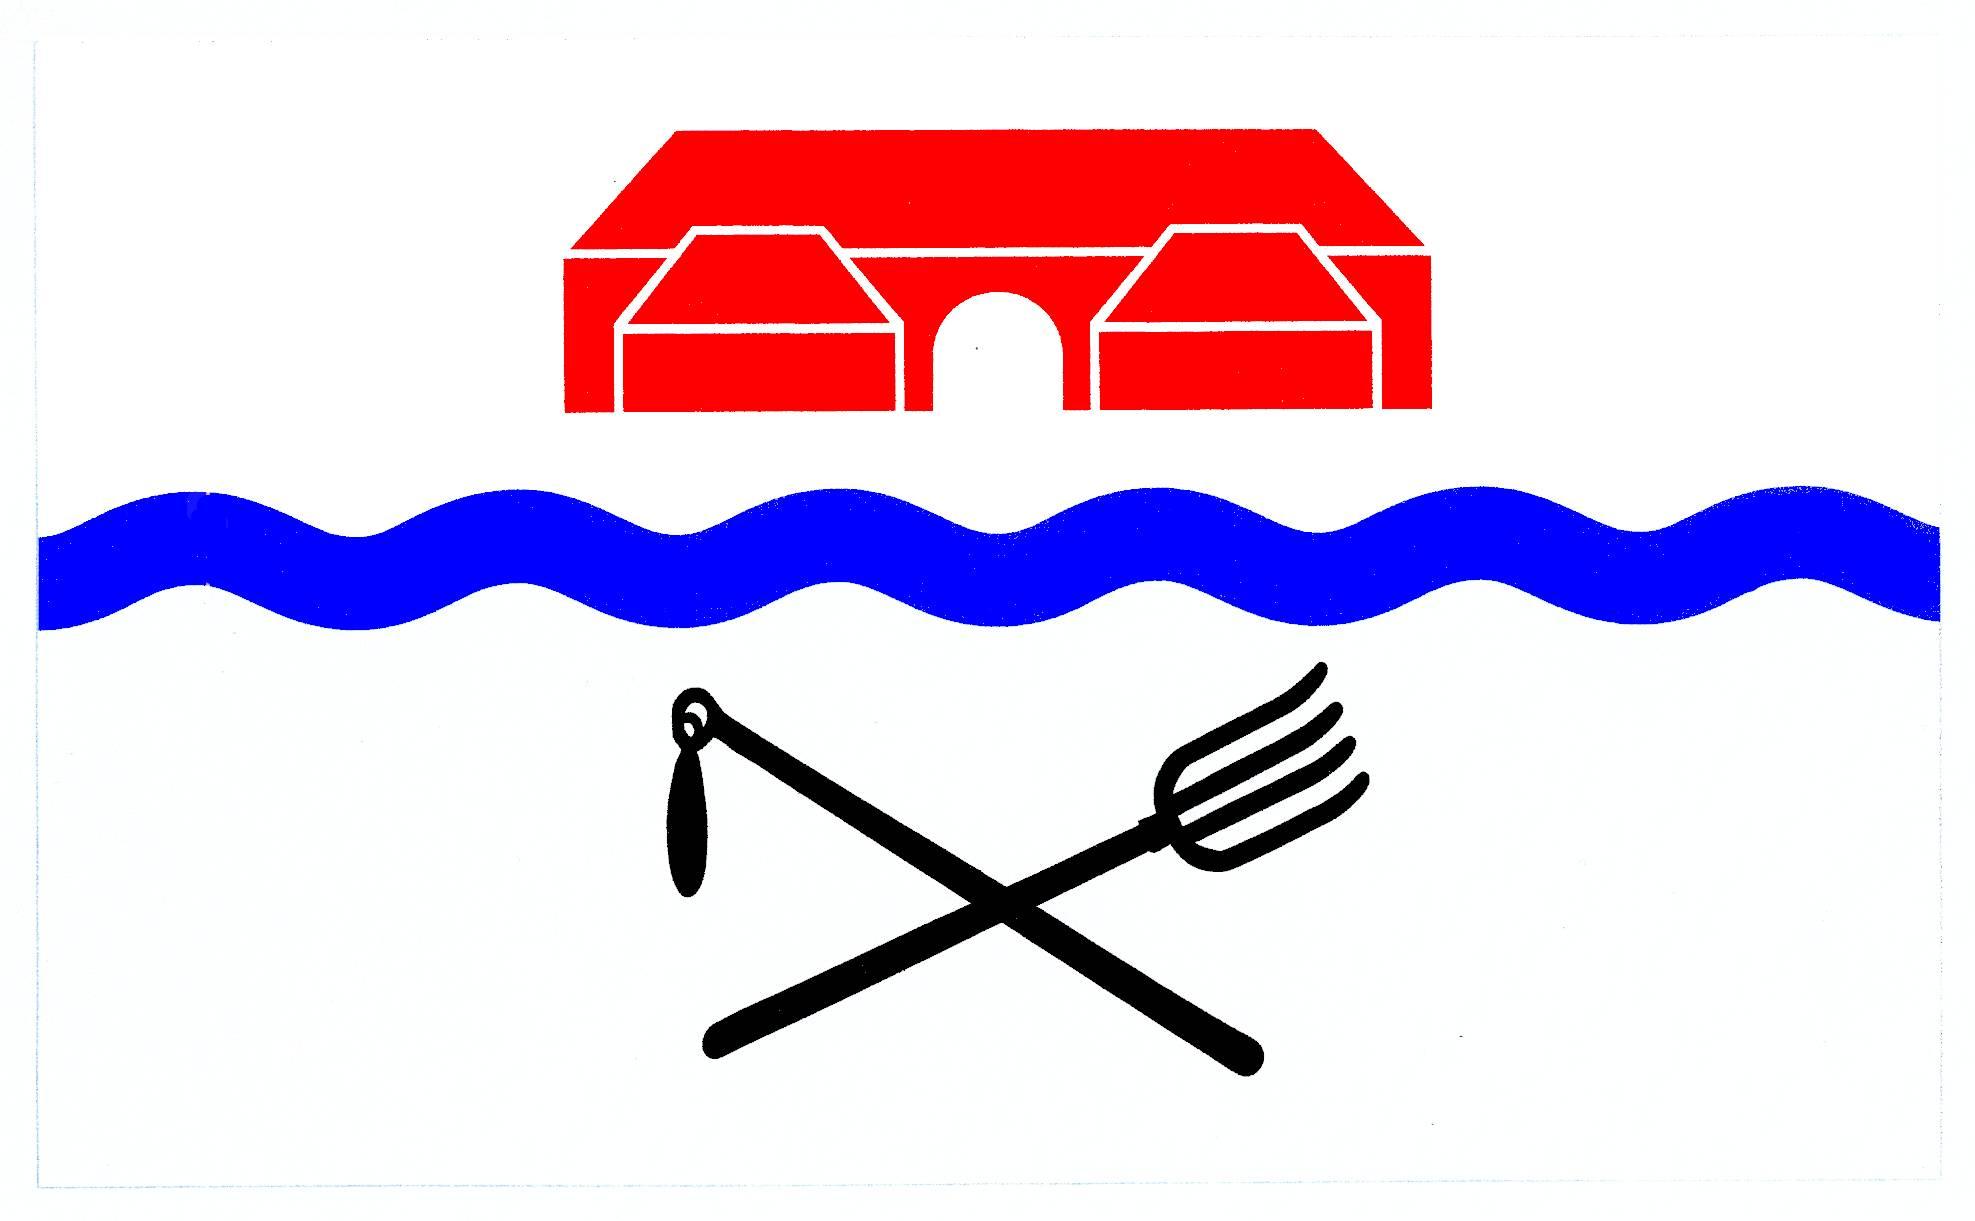 Flagge GemeindeSchwartbuck, Kreis Plön